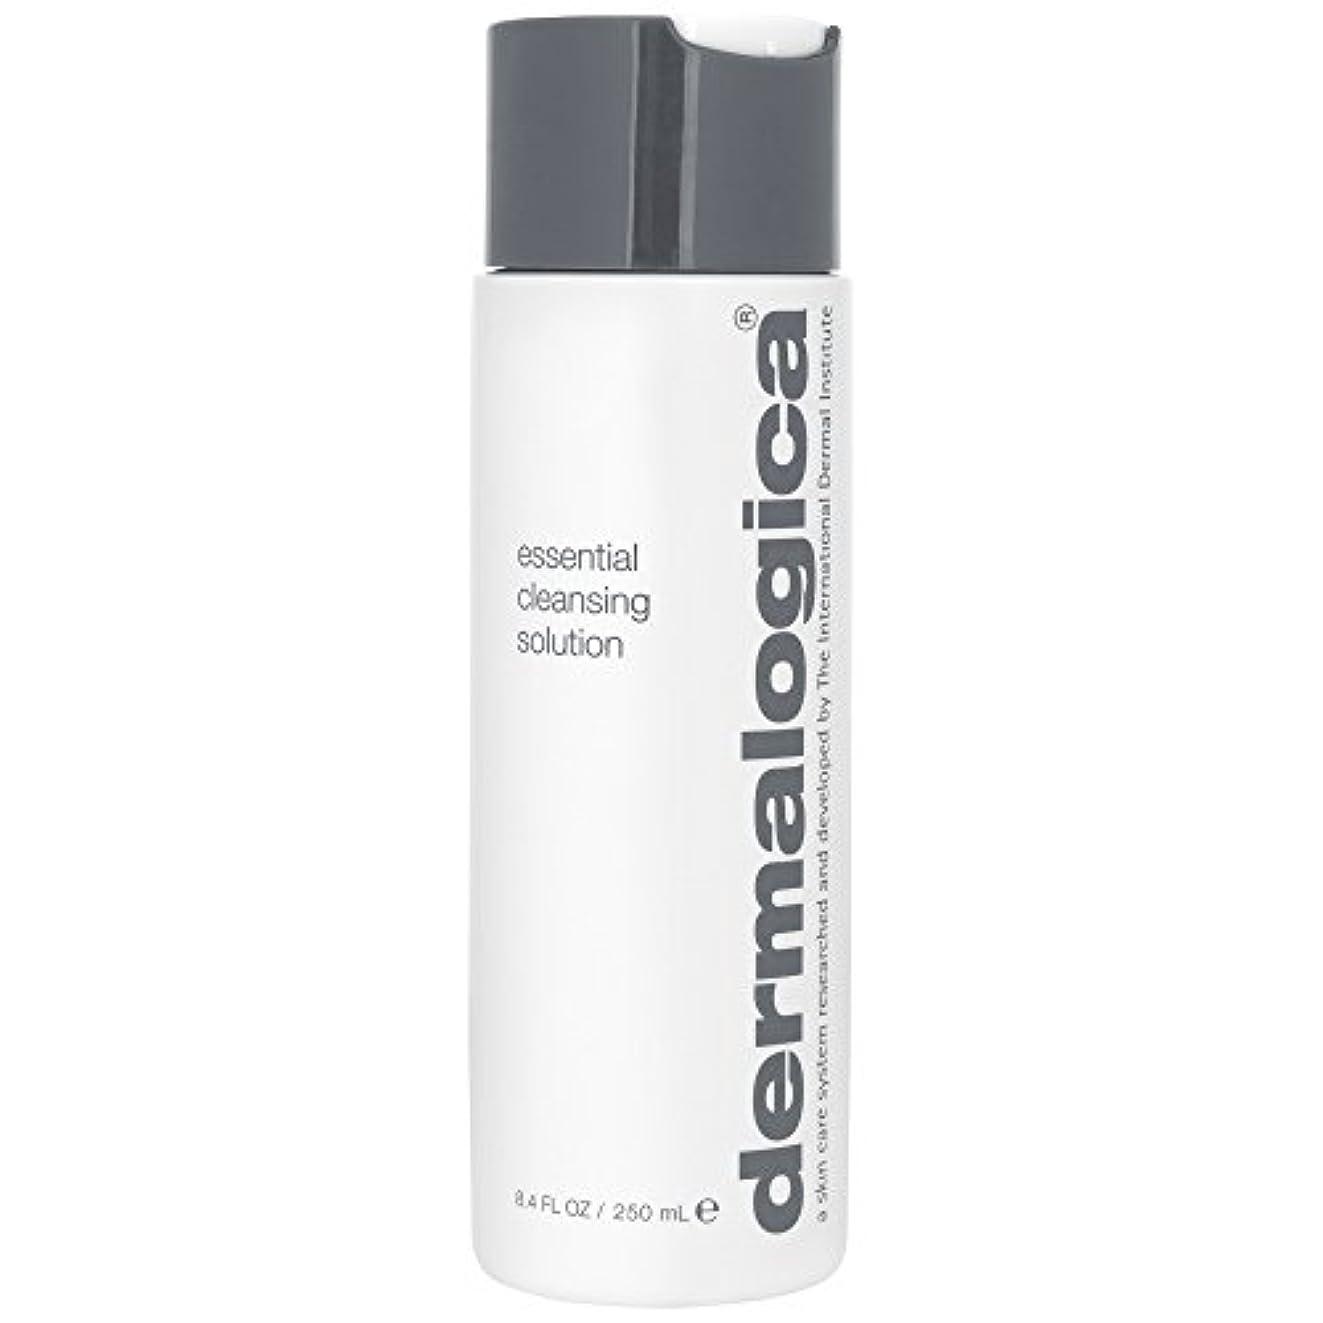 弾薬案件鉛ダーマロジカ不可欠な洗浄液の250ミリリットル (Dermalogica) (x2) - Dermalogica Essential Cleansing Solution 250ml (Pack of 2) [並行輸入品]